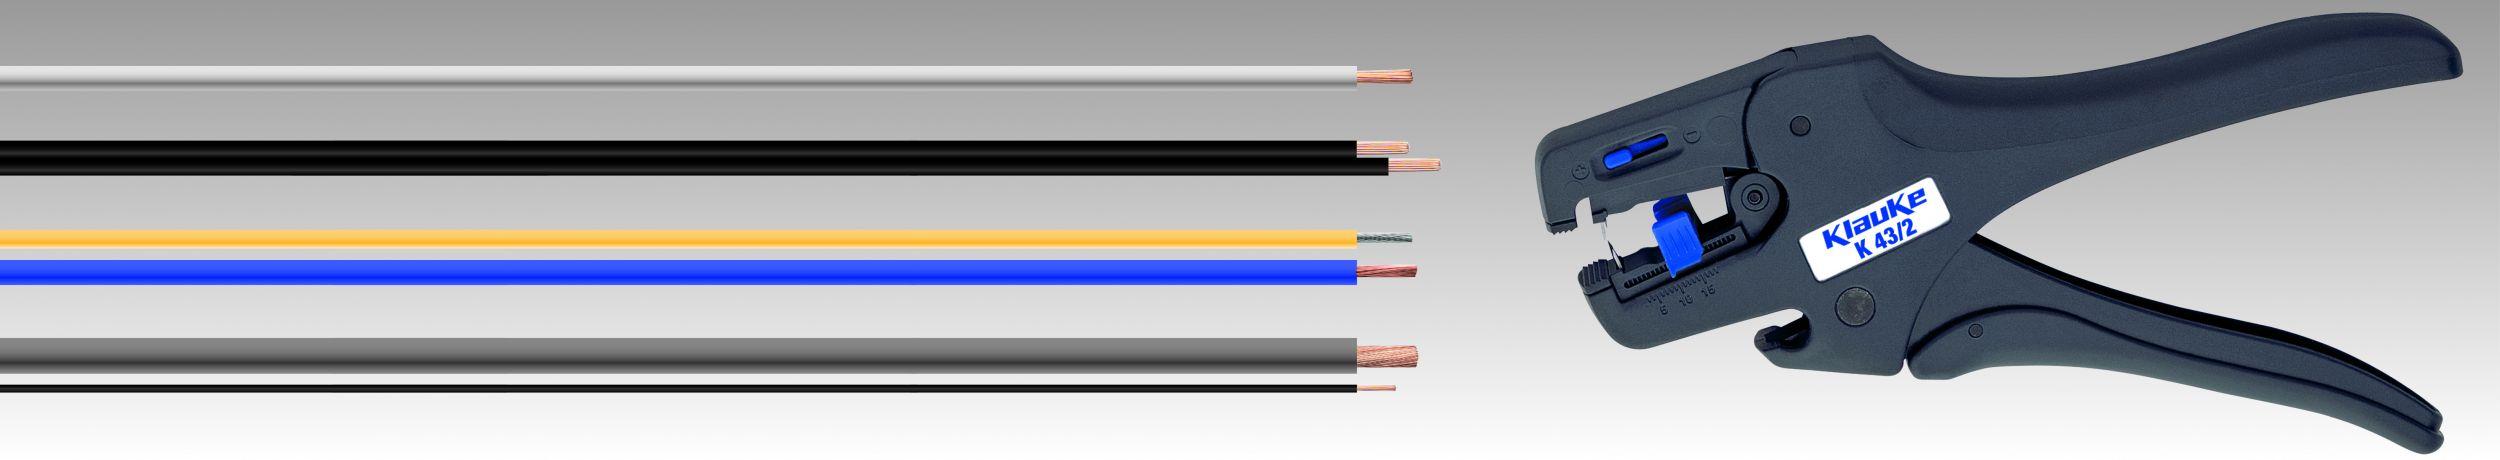 Die Firma Klauke bietet eine Vielzahl professioneller Werkzeuge. (Bild: Gustav Klauke GmbH)